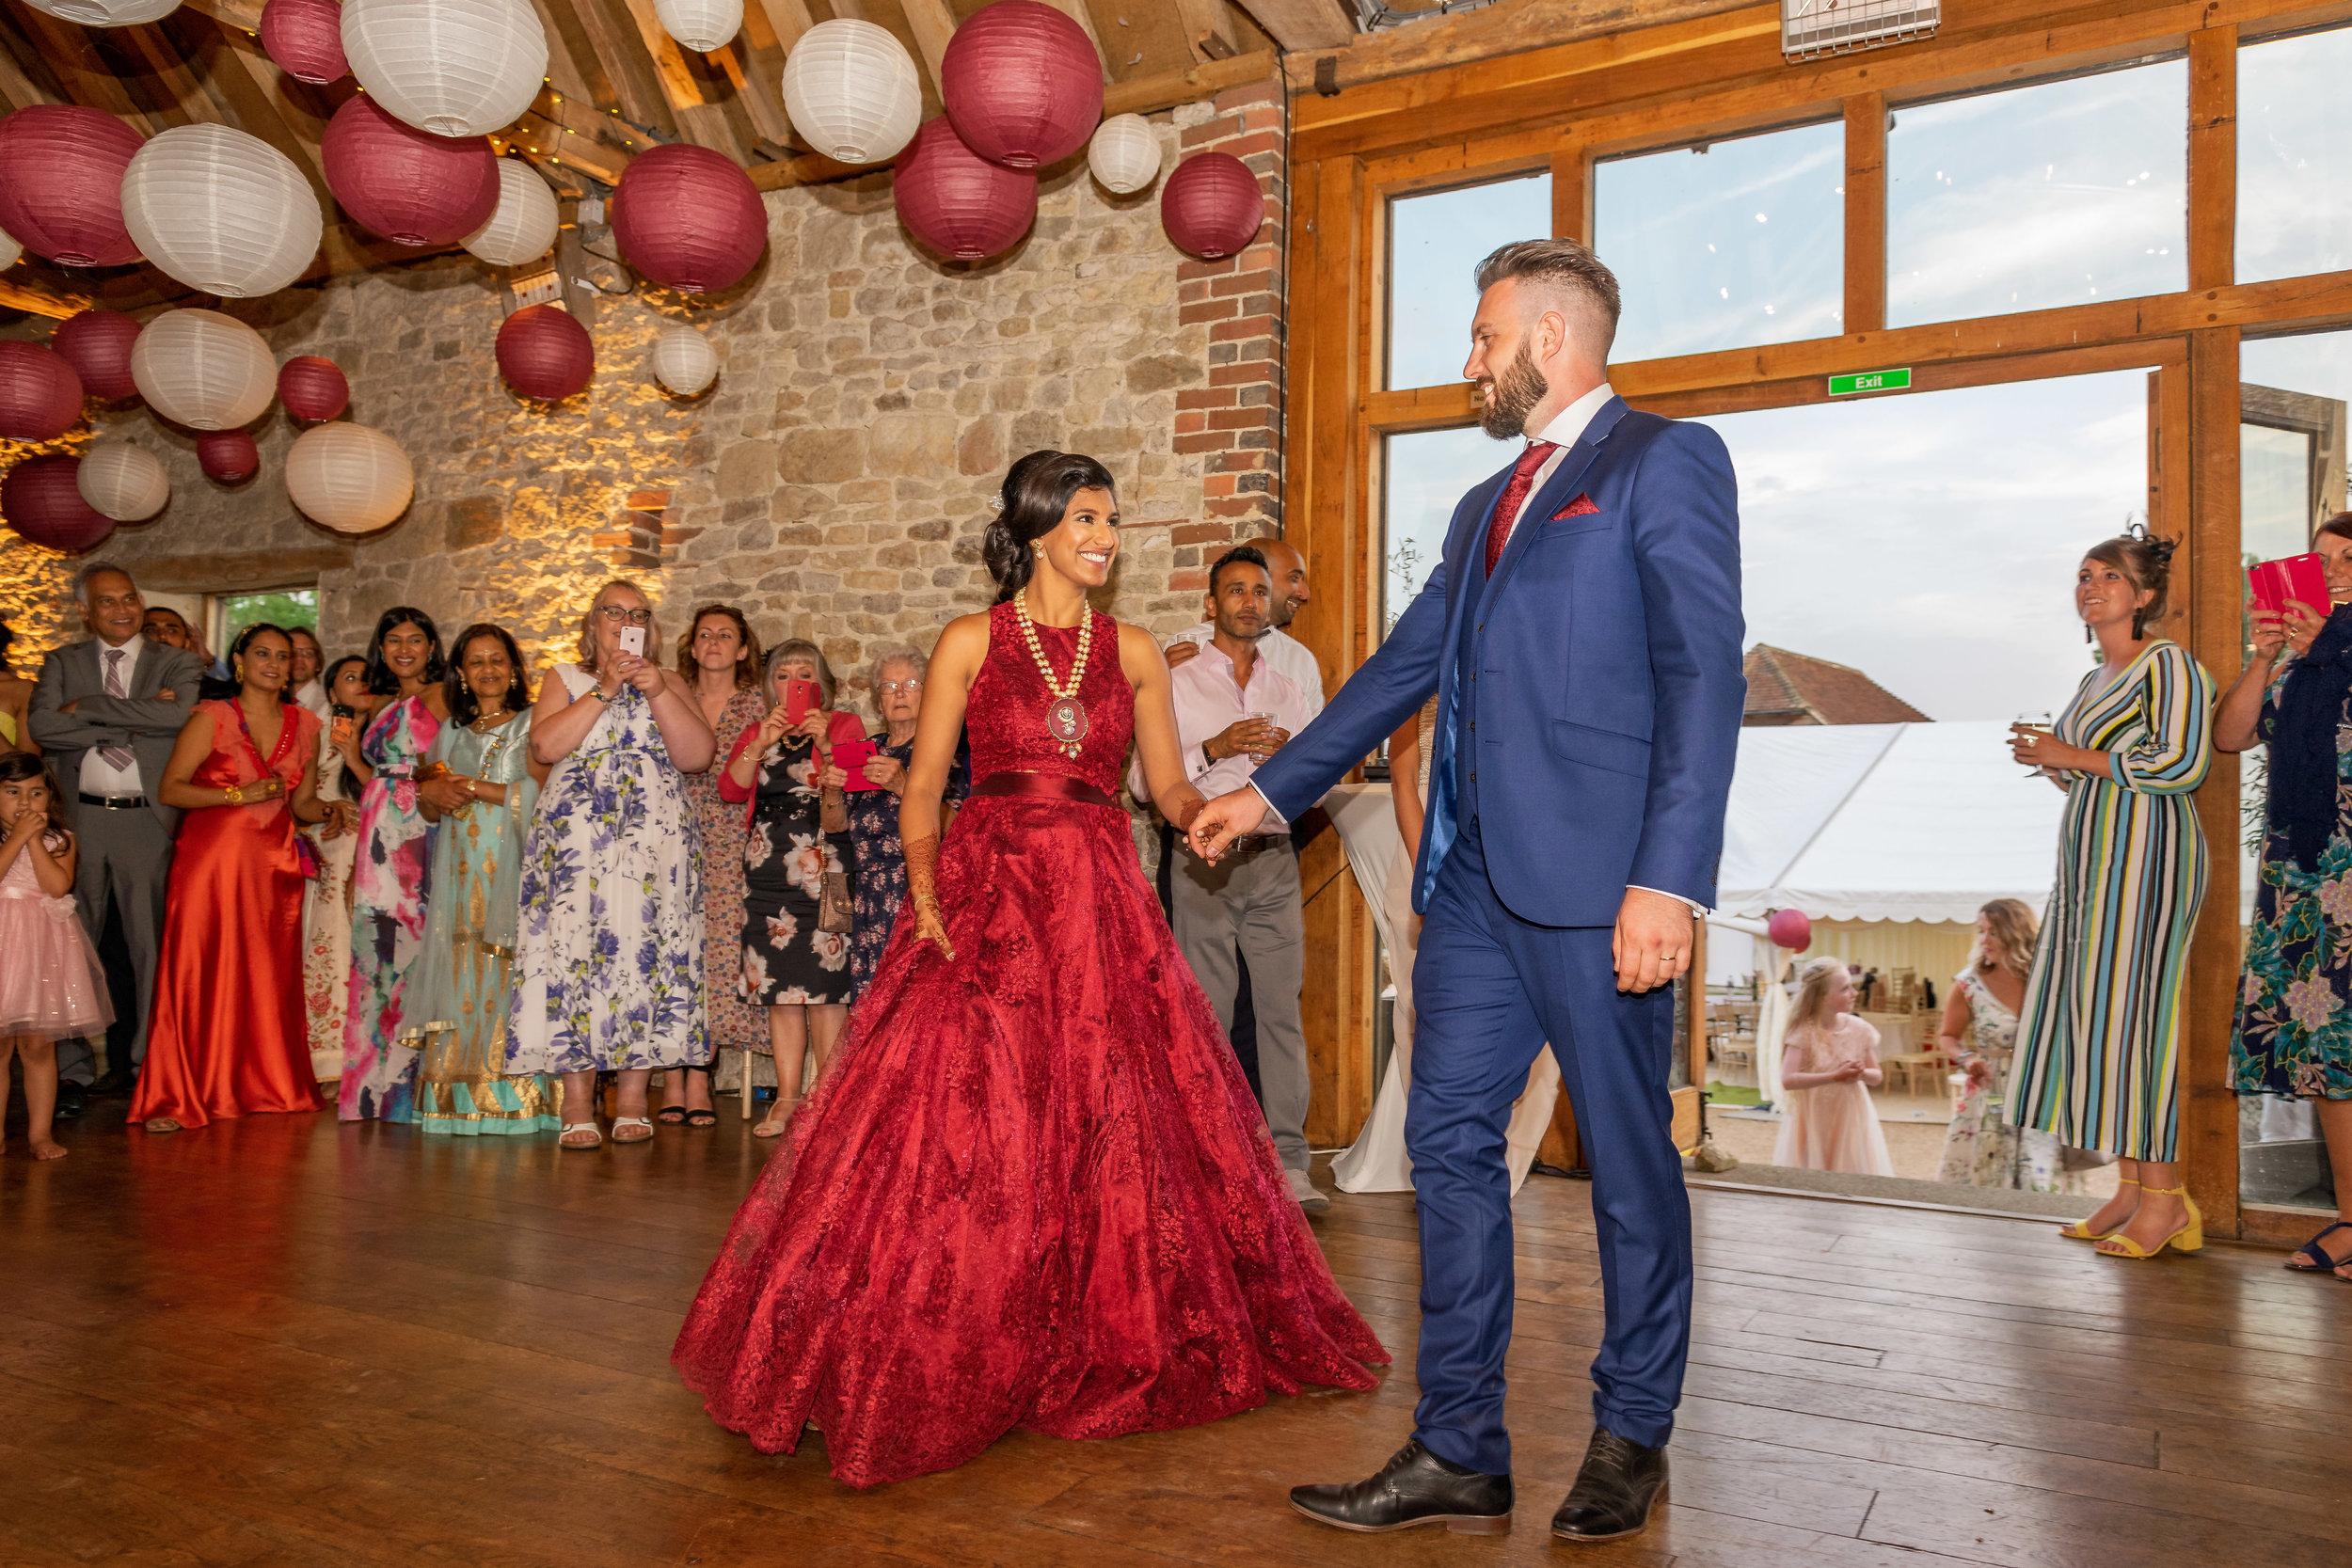 Dhanesha & Rowan - dancing-4.jpg